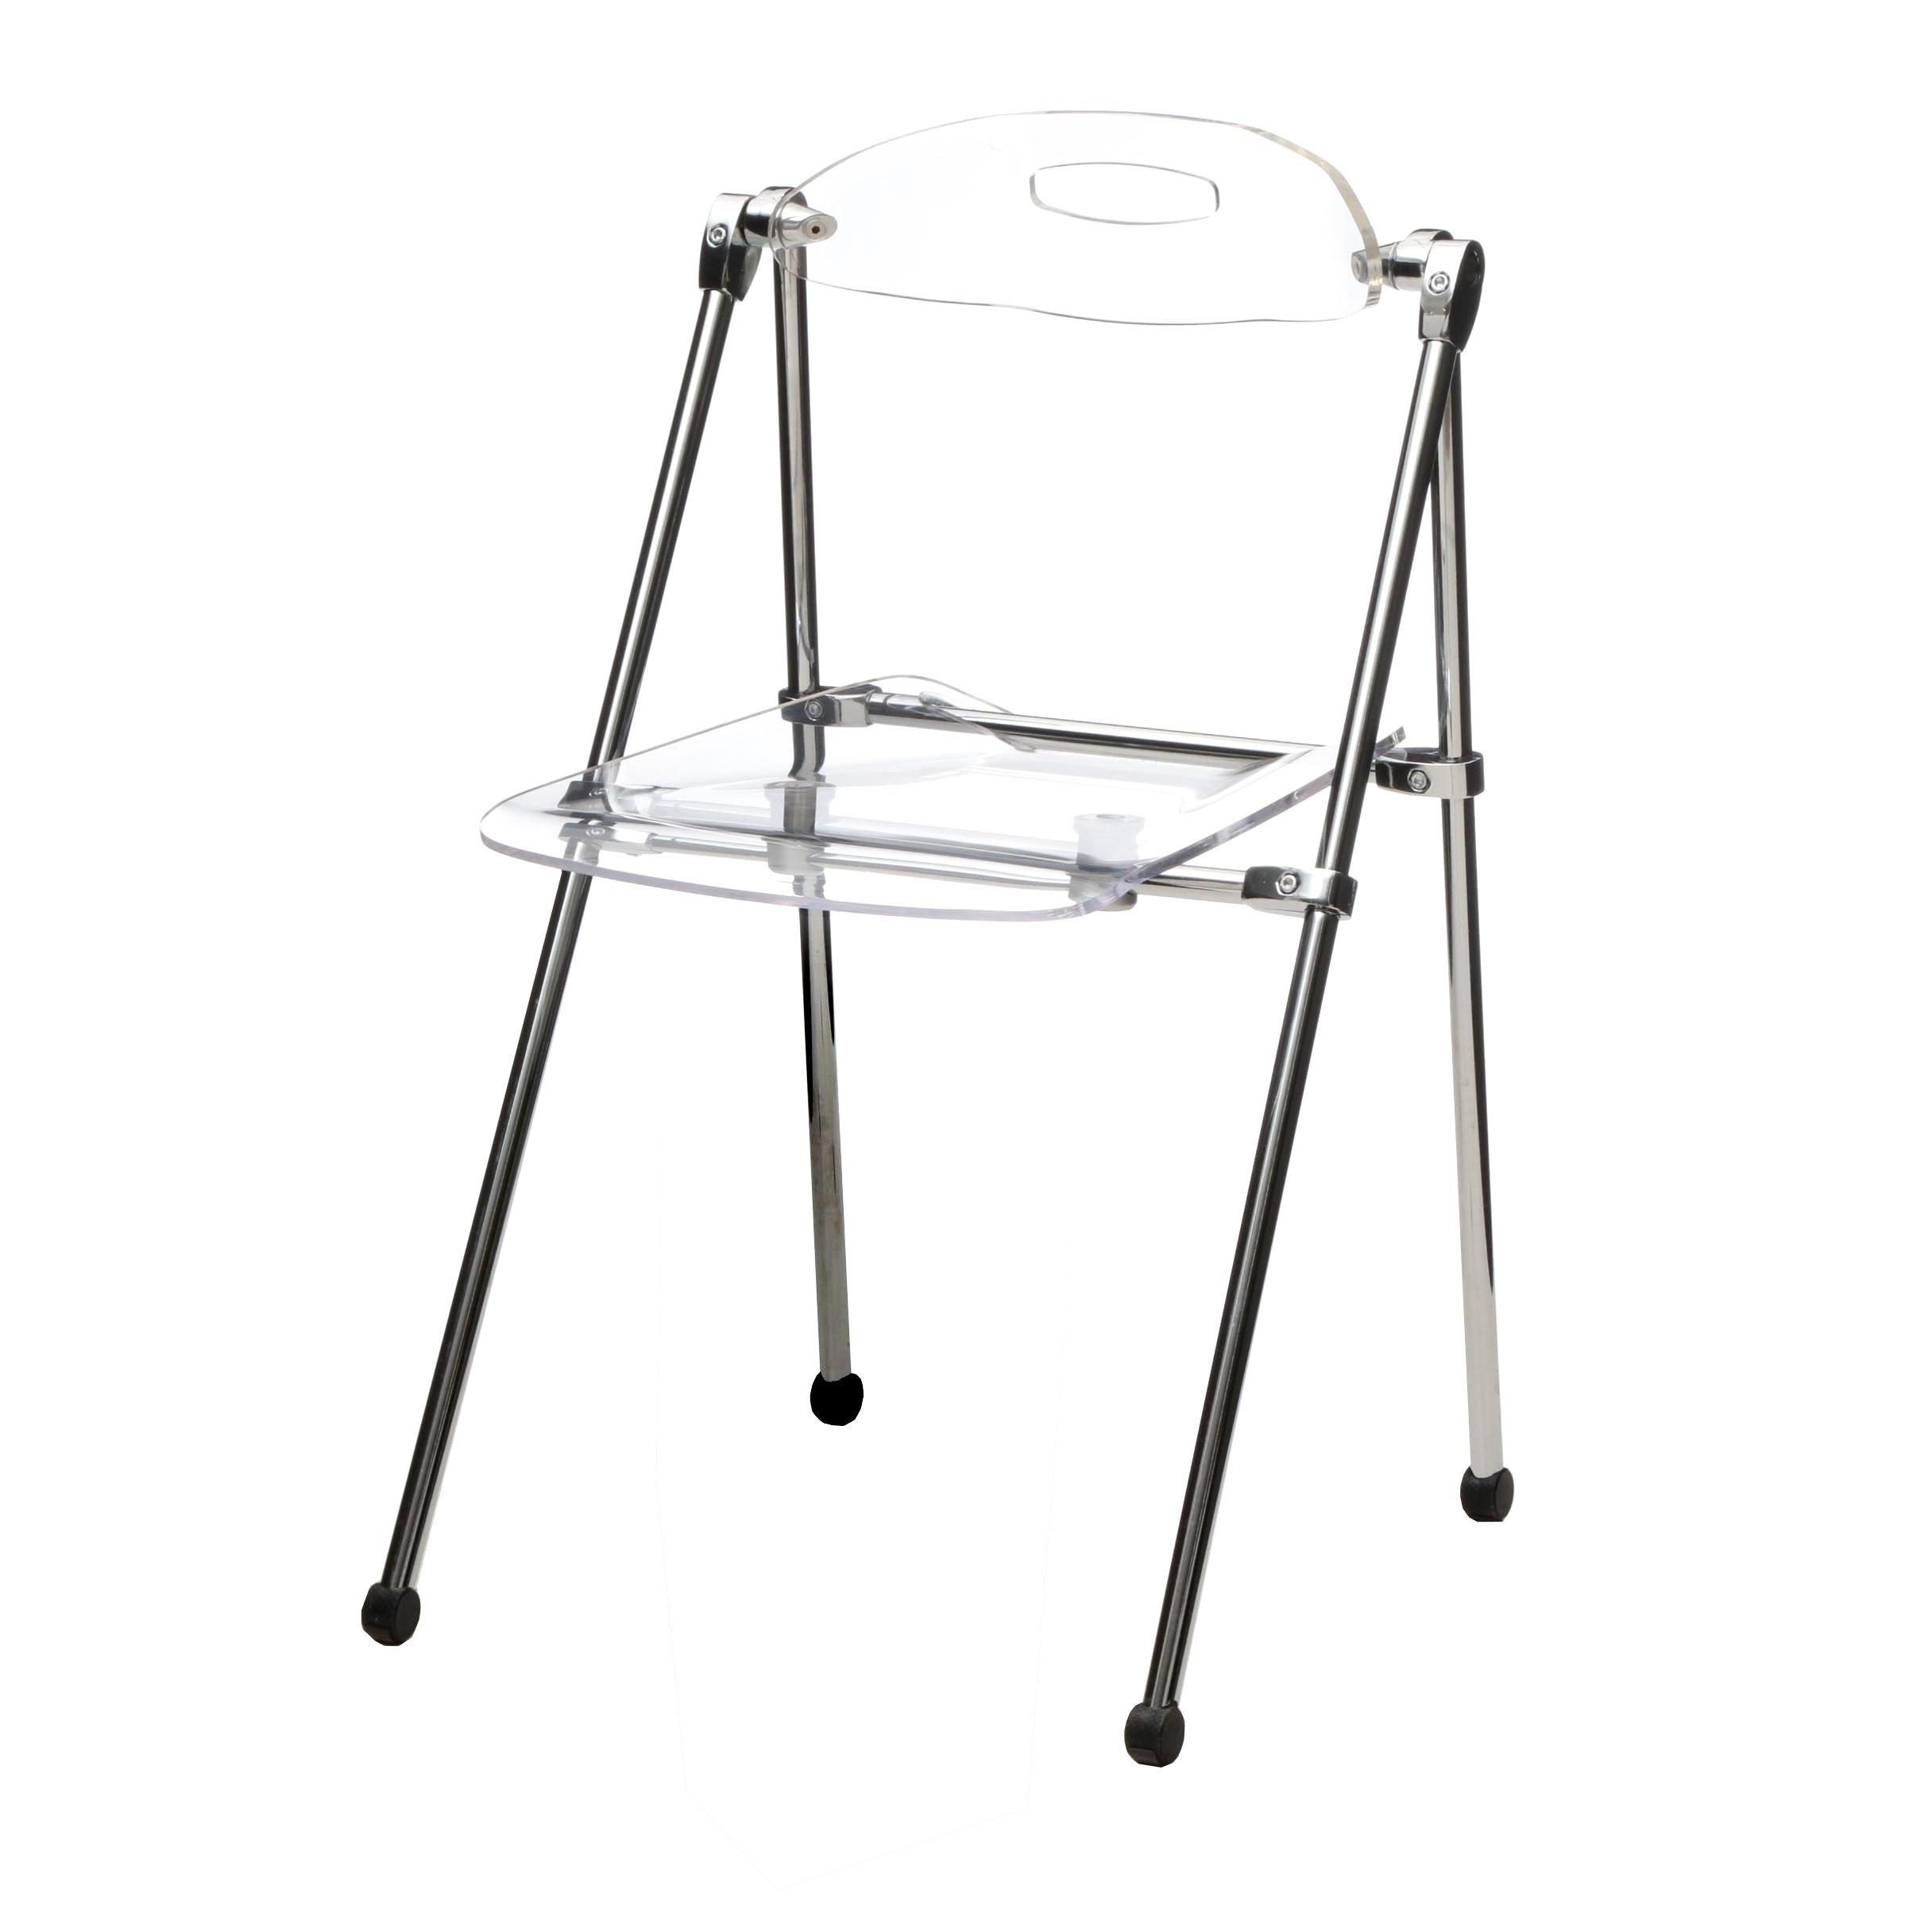 Acrylic and Chrome Folding Chair